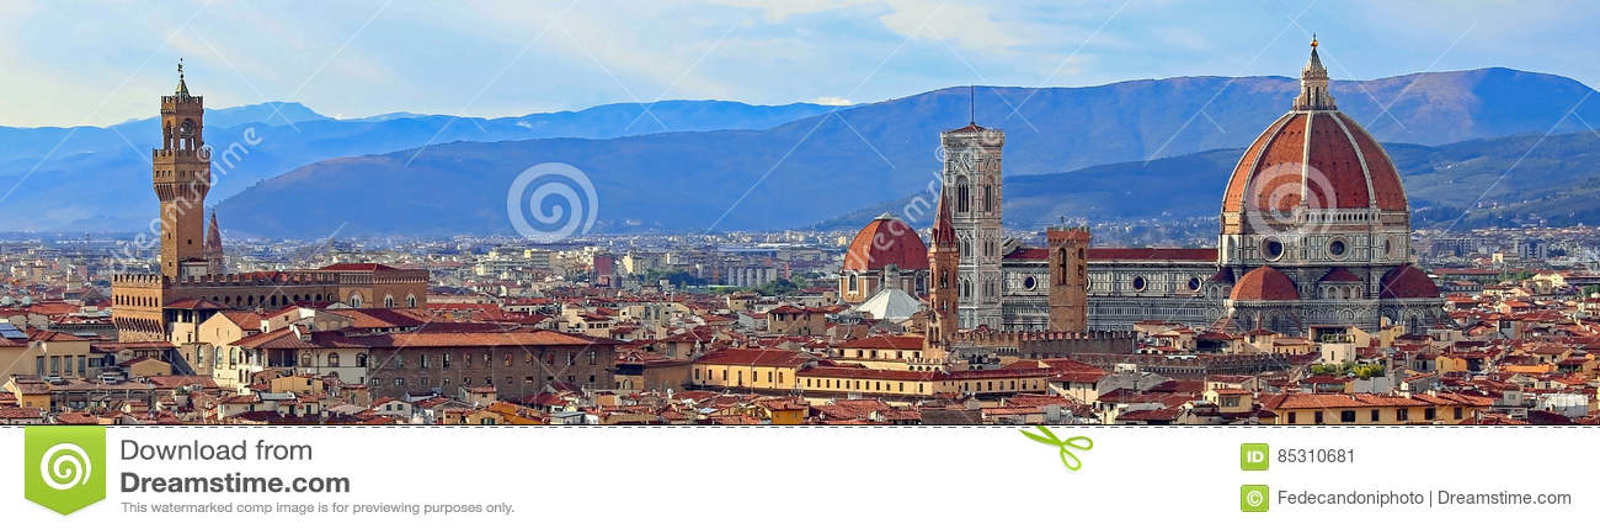 Mening van Florence met Oud Paleis en Koepel van Kathedraal van Mich